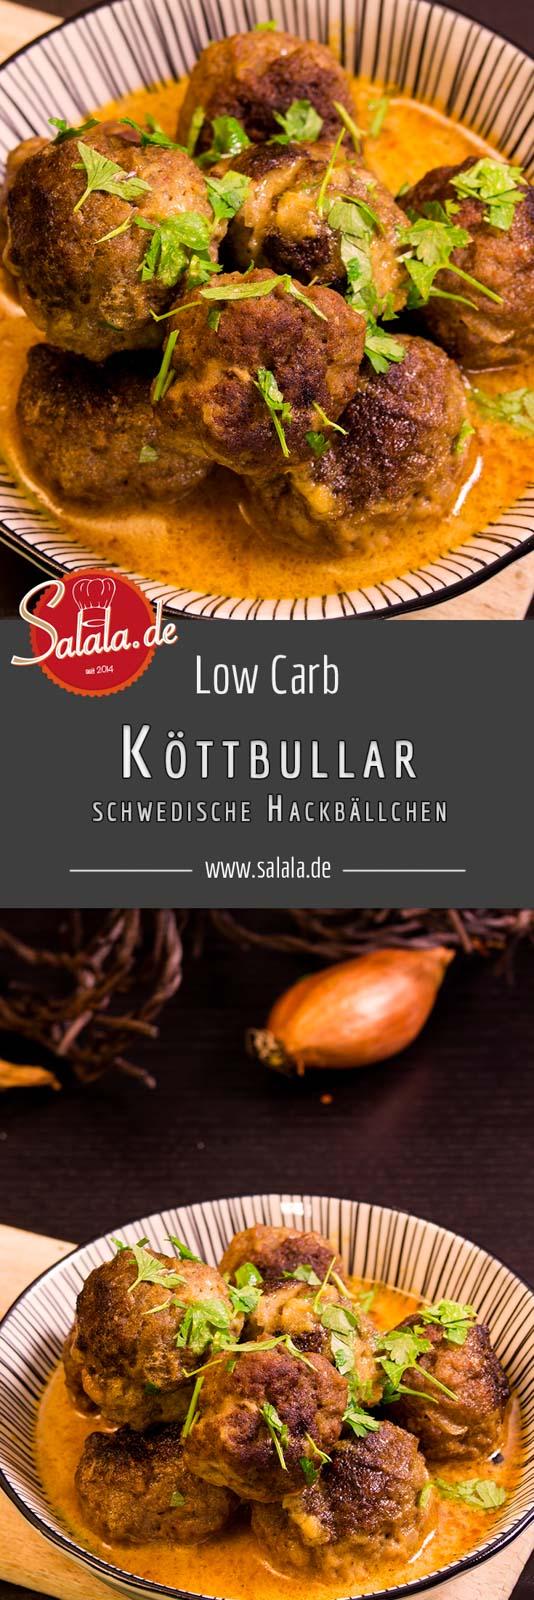 Schwedische Hackbällchen wie von Ikea, das sind Köttbullar. Unsere Low Carb Variante kommt sogar mit einer selbst gemachten Gewürzmischung.